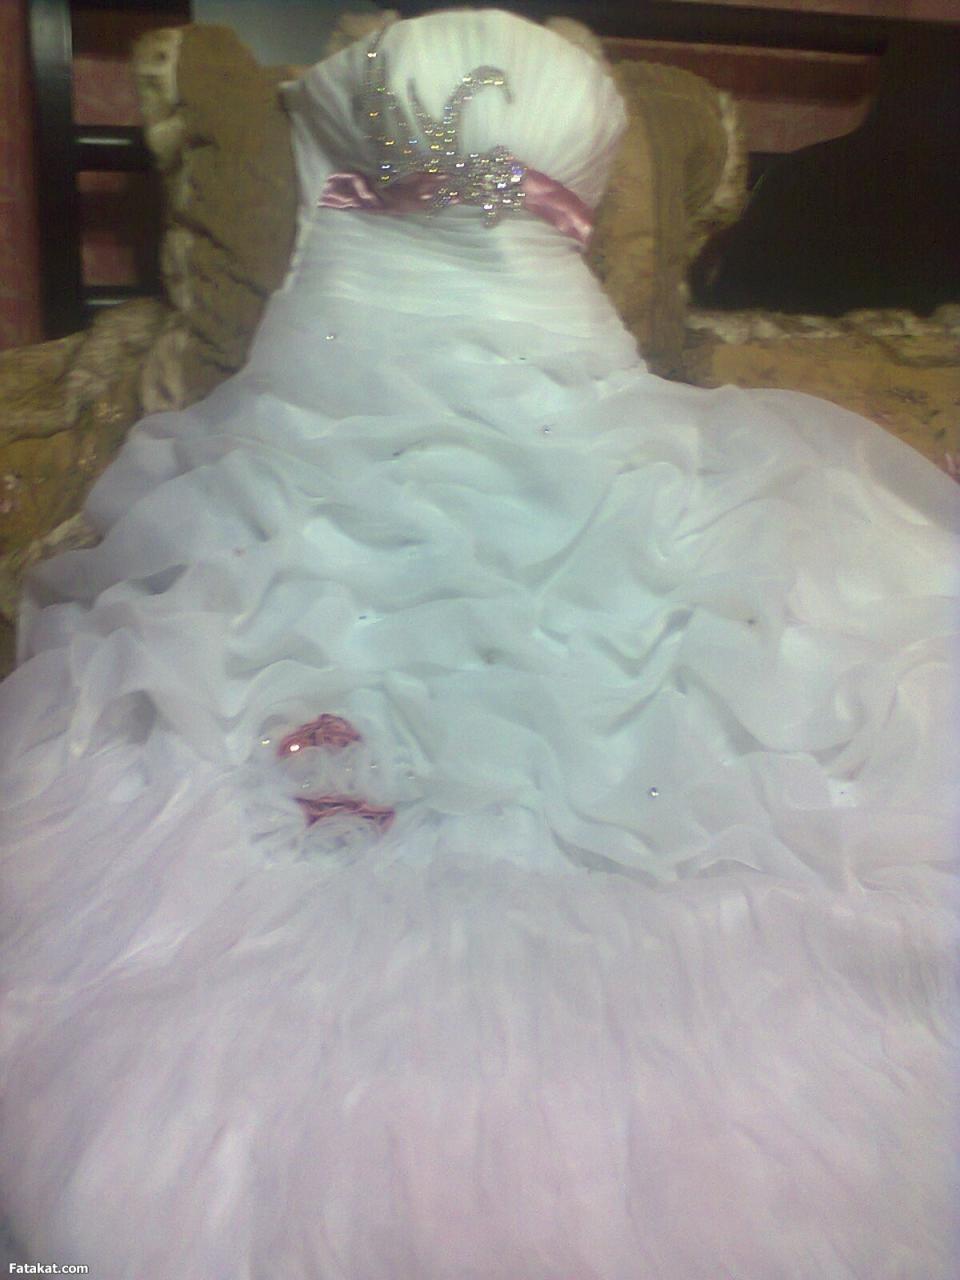 بالصور فساتين زفاف جريئه فساتين زفاف فخمه 20160516 287